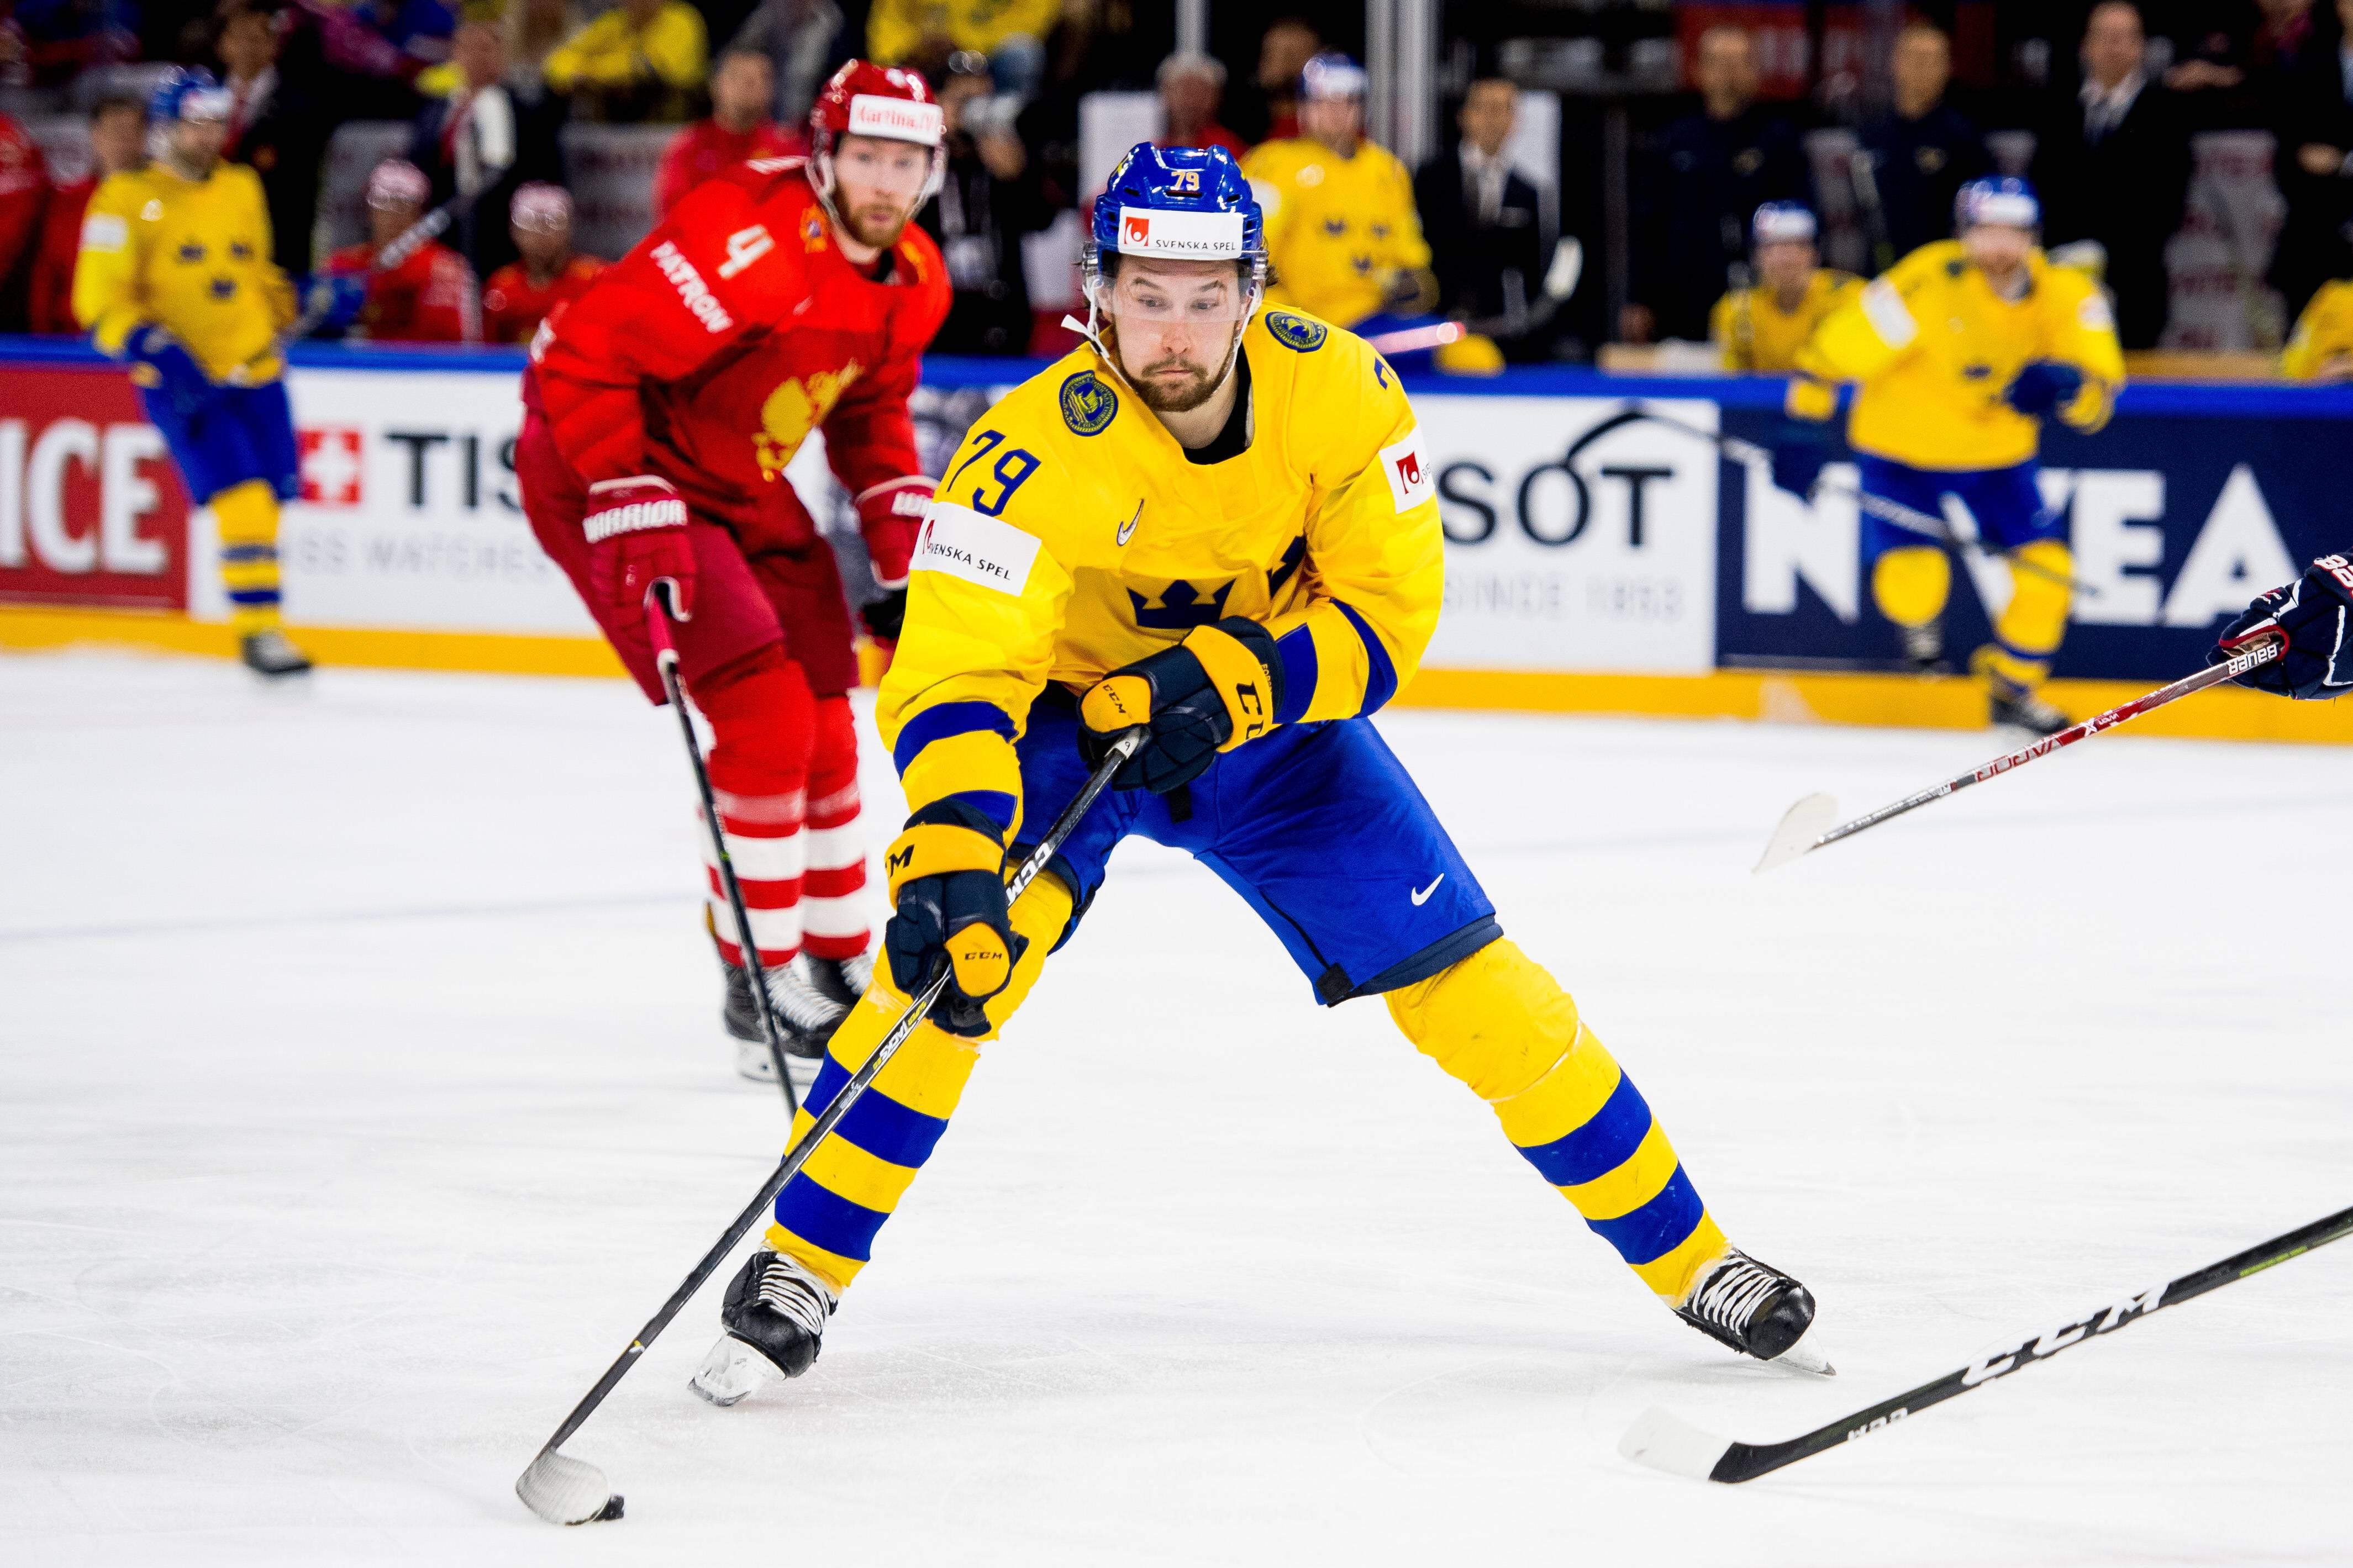 Филип Форсберг, Швеция – Россия